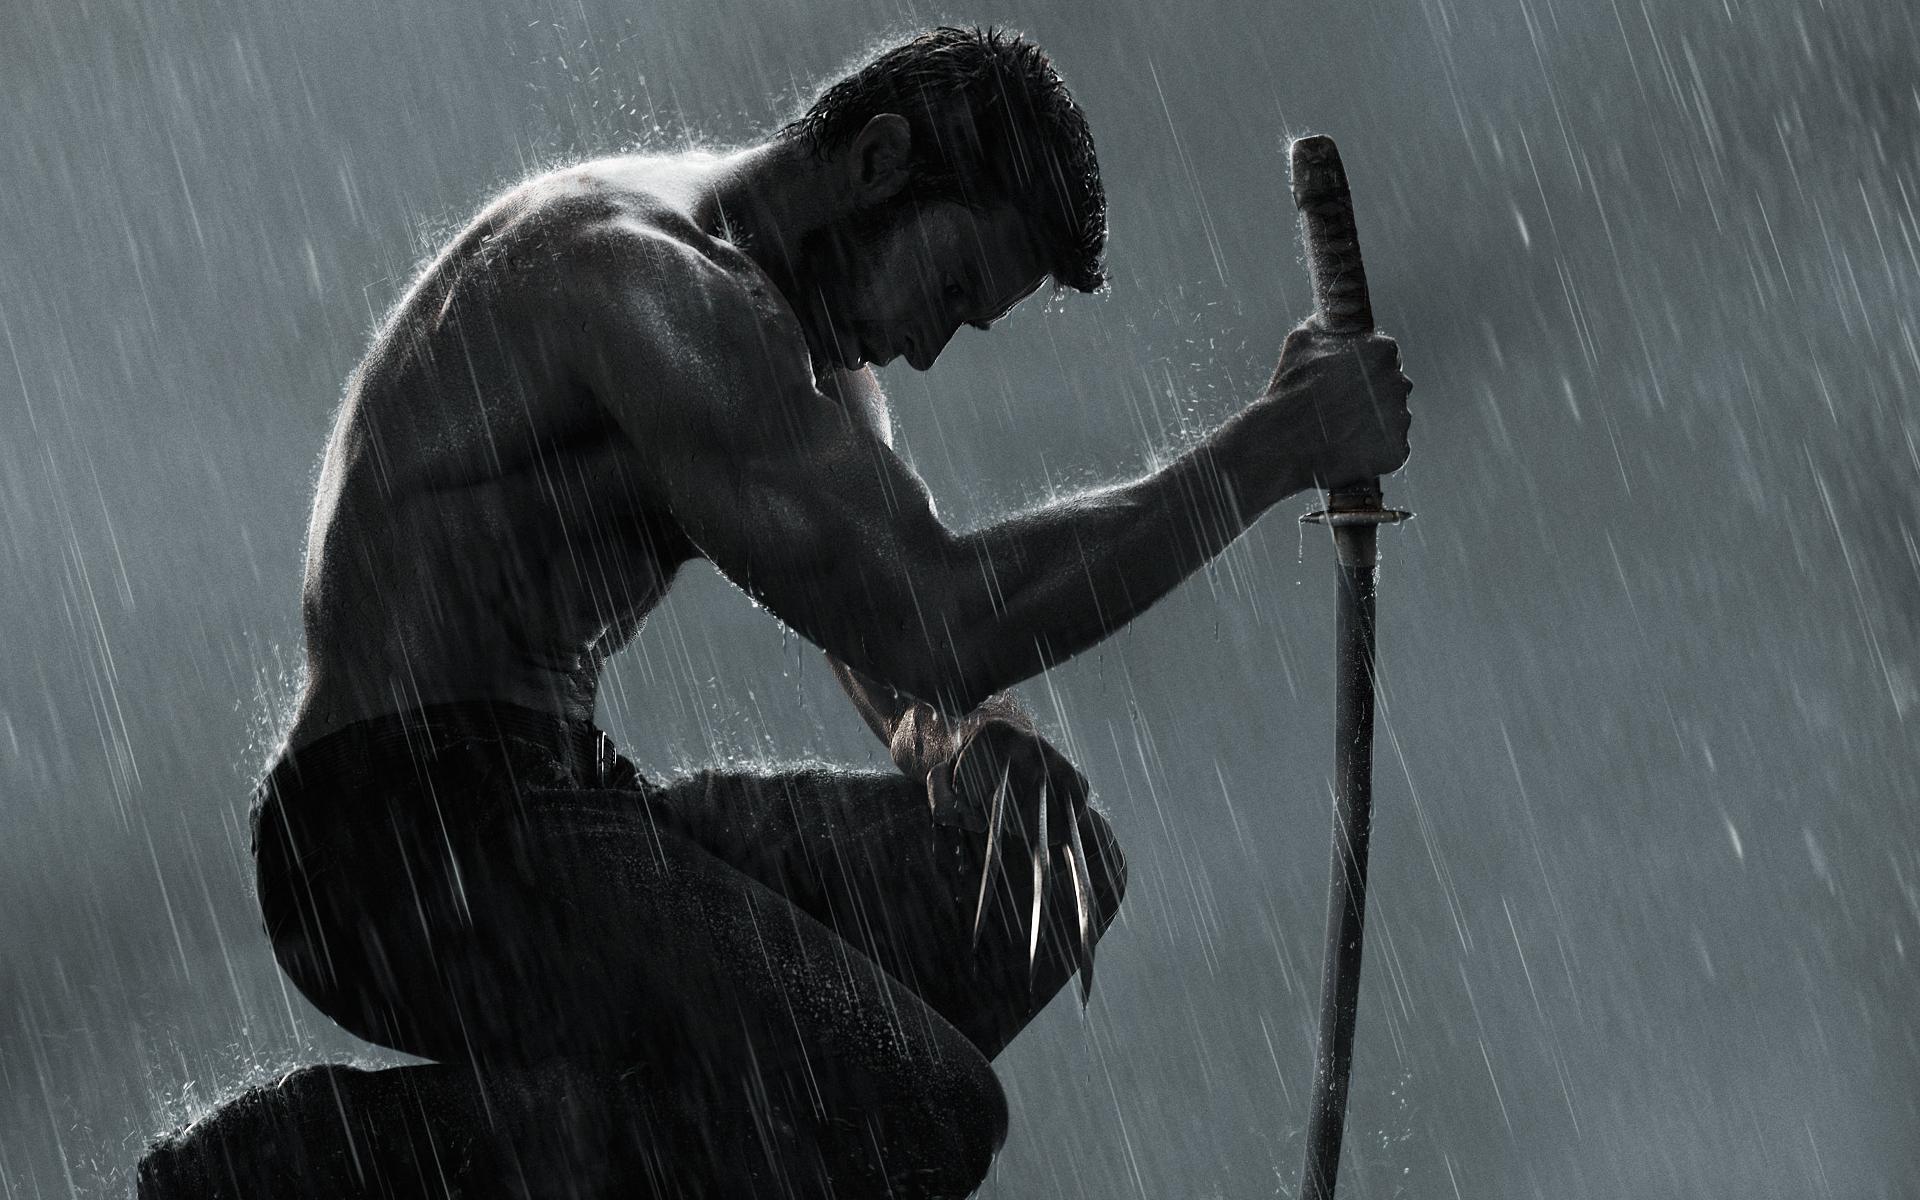 The-Wolverine Wolverine jackman crowe hugh comics games movies heroes